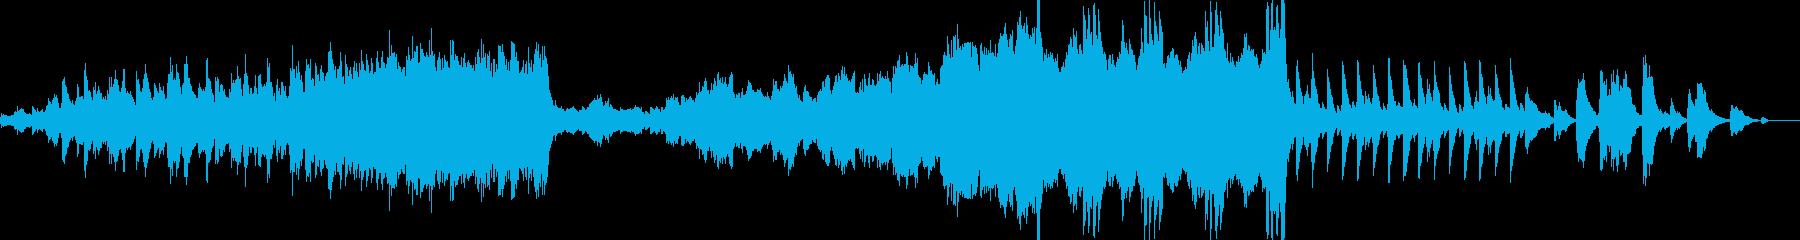 【CM】ほのぼのとしたクラシック音楽の再生済みの波形